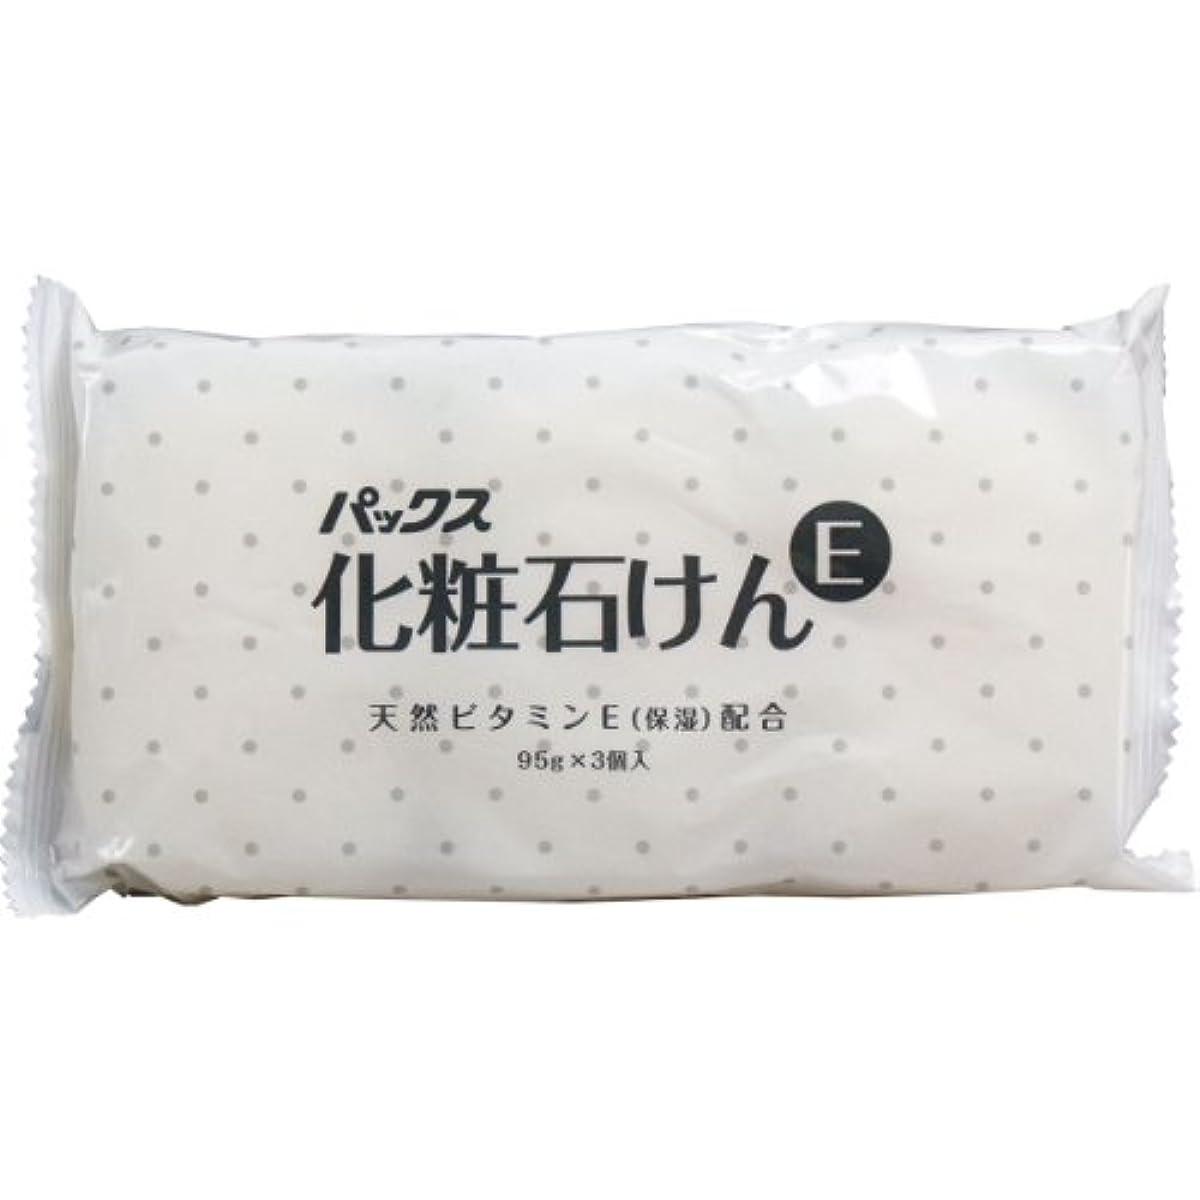 適応する涙泥だらけ【まとめ買い】パックス化粧石けんE 95g×3個 (浴用石鹸)【×5セット】